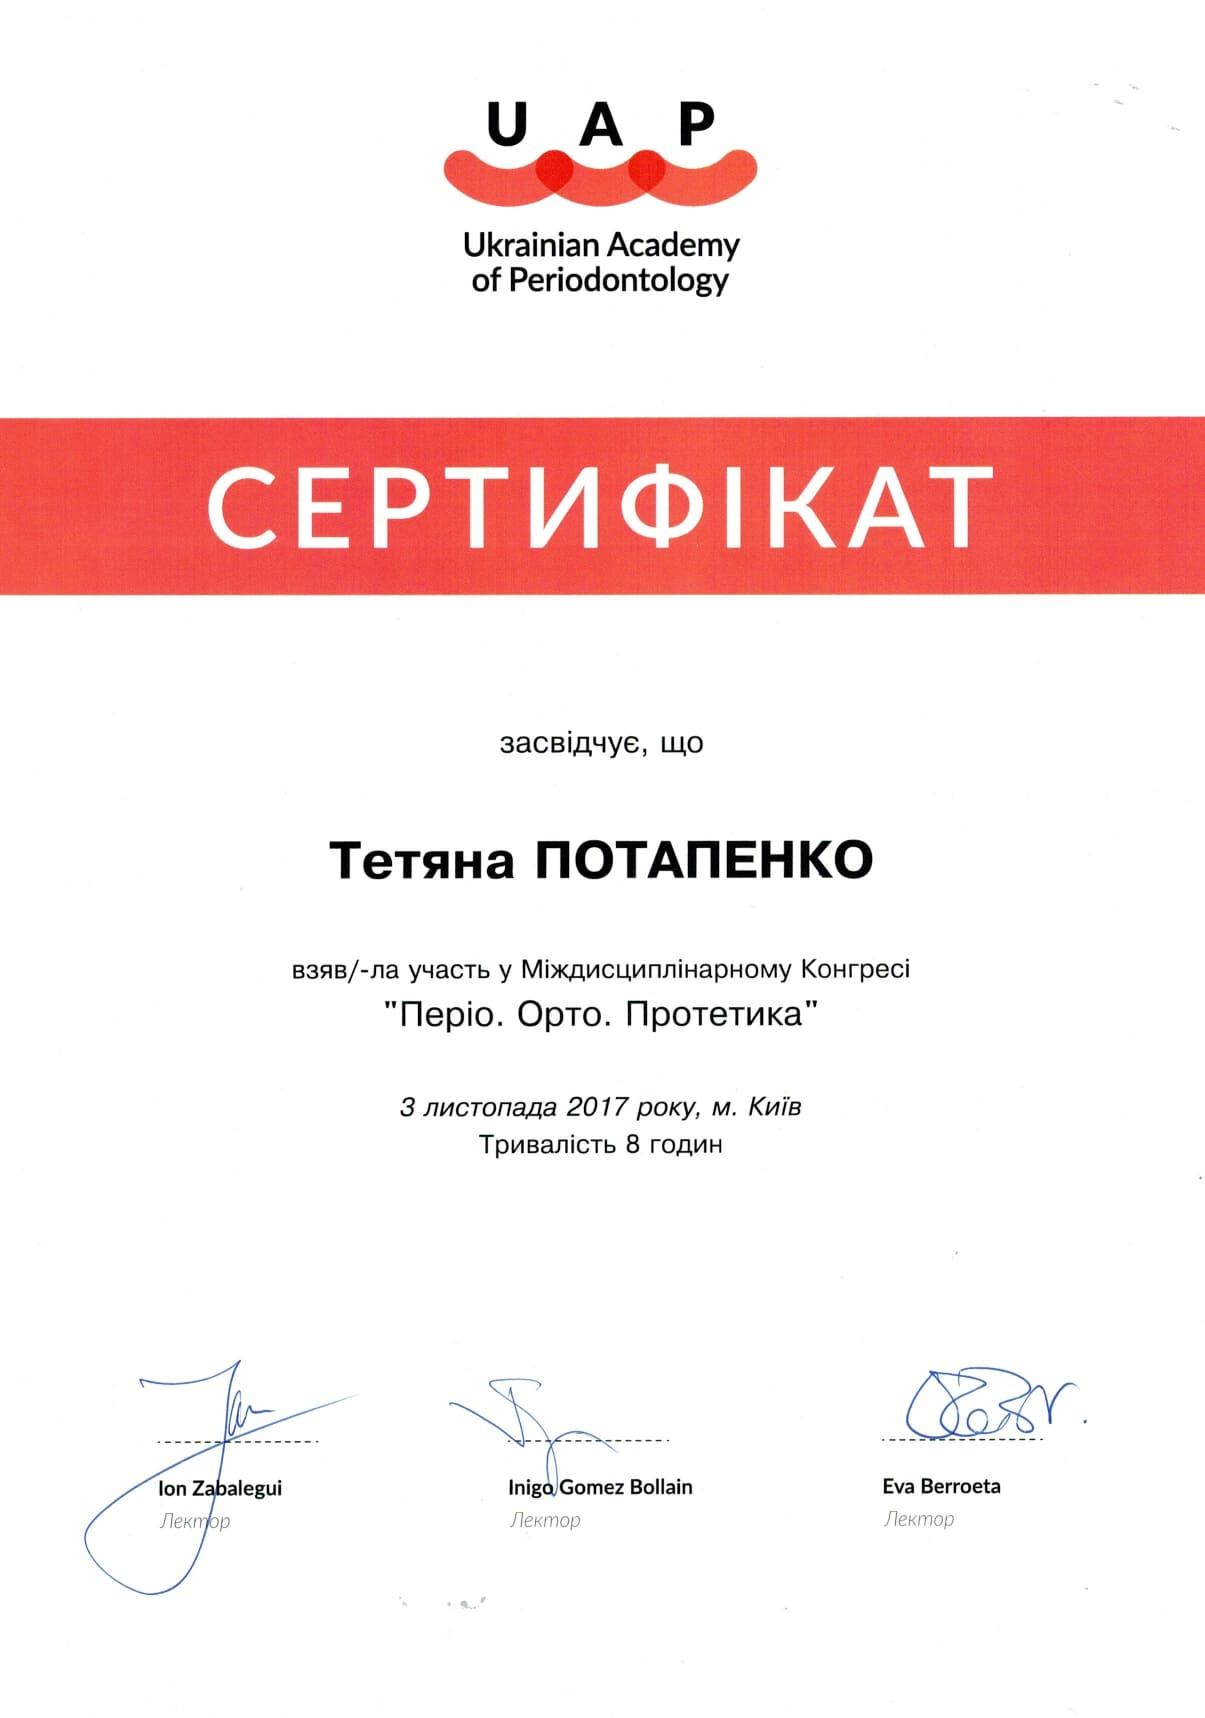 Сертифікат дитячого лікаря стоматолога Потапенко Тетяни Олексіївни об участі у конгресі (Періо. Орто. Протетика)